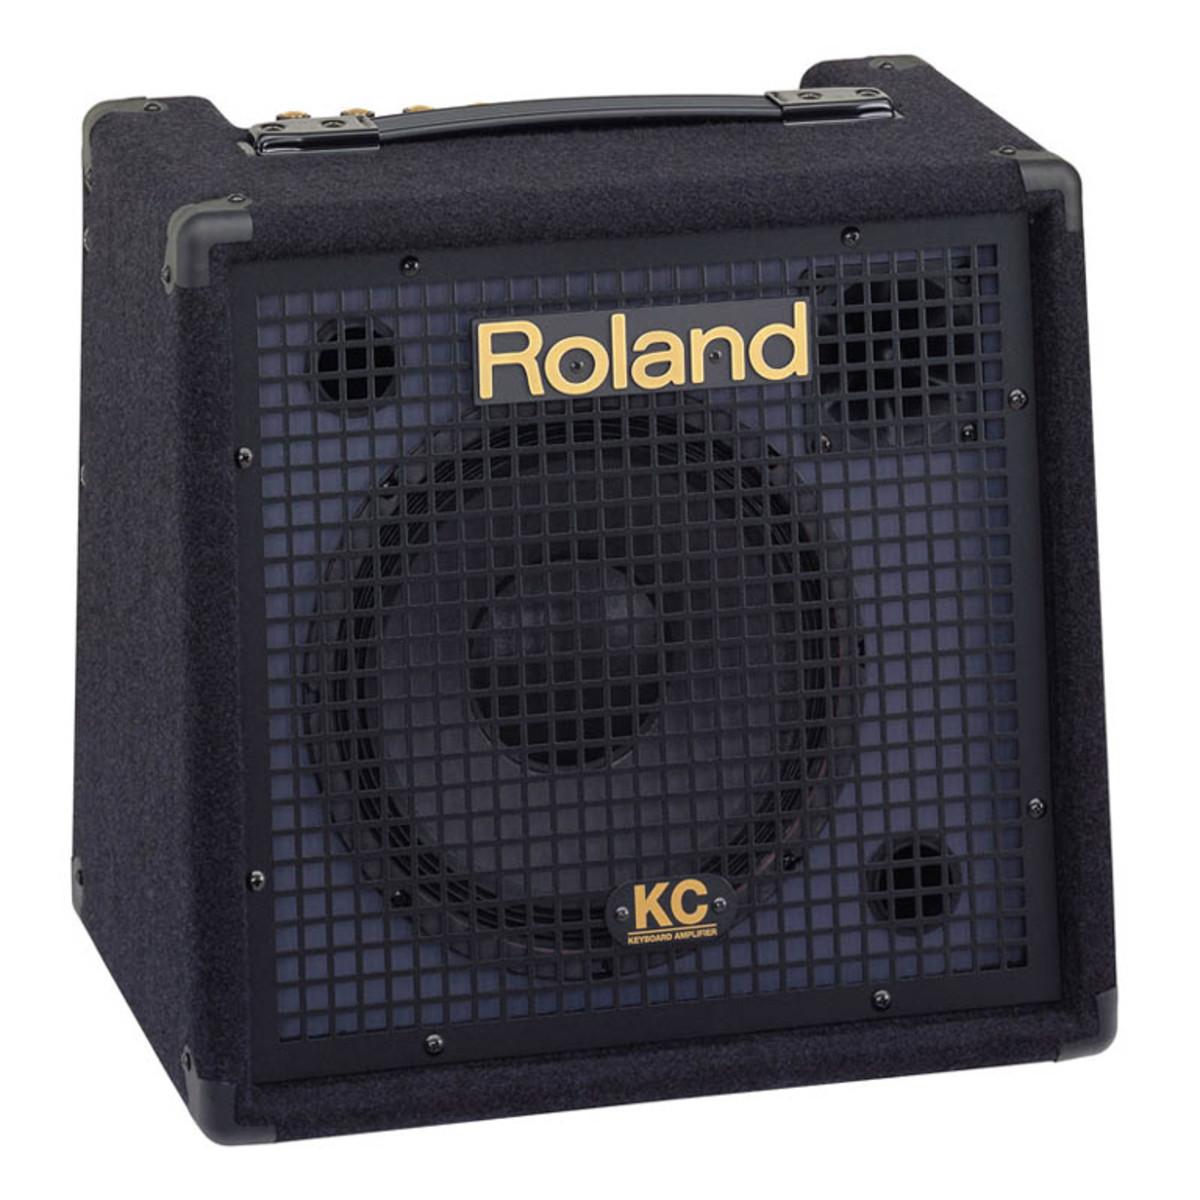 roland kc 60 keyboard amp at gear4music. Black Bedroom Furniture Sets. Home Design Ideas